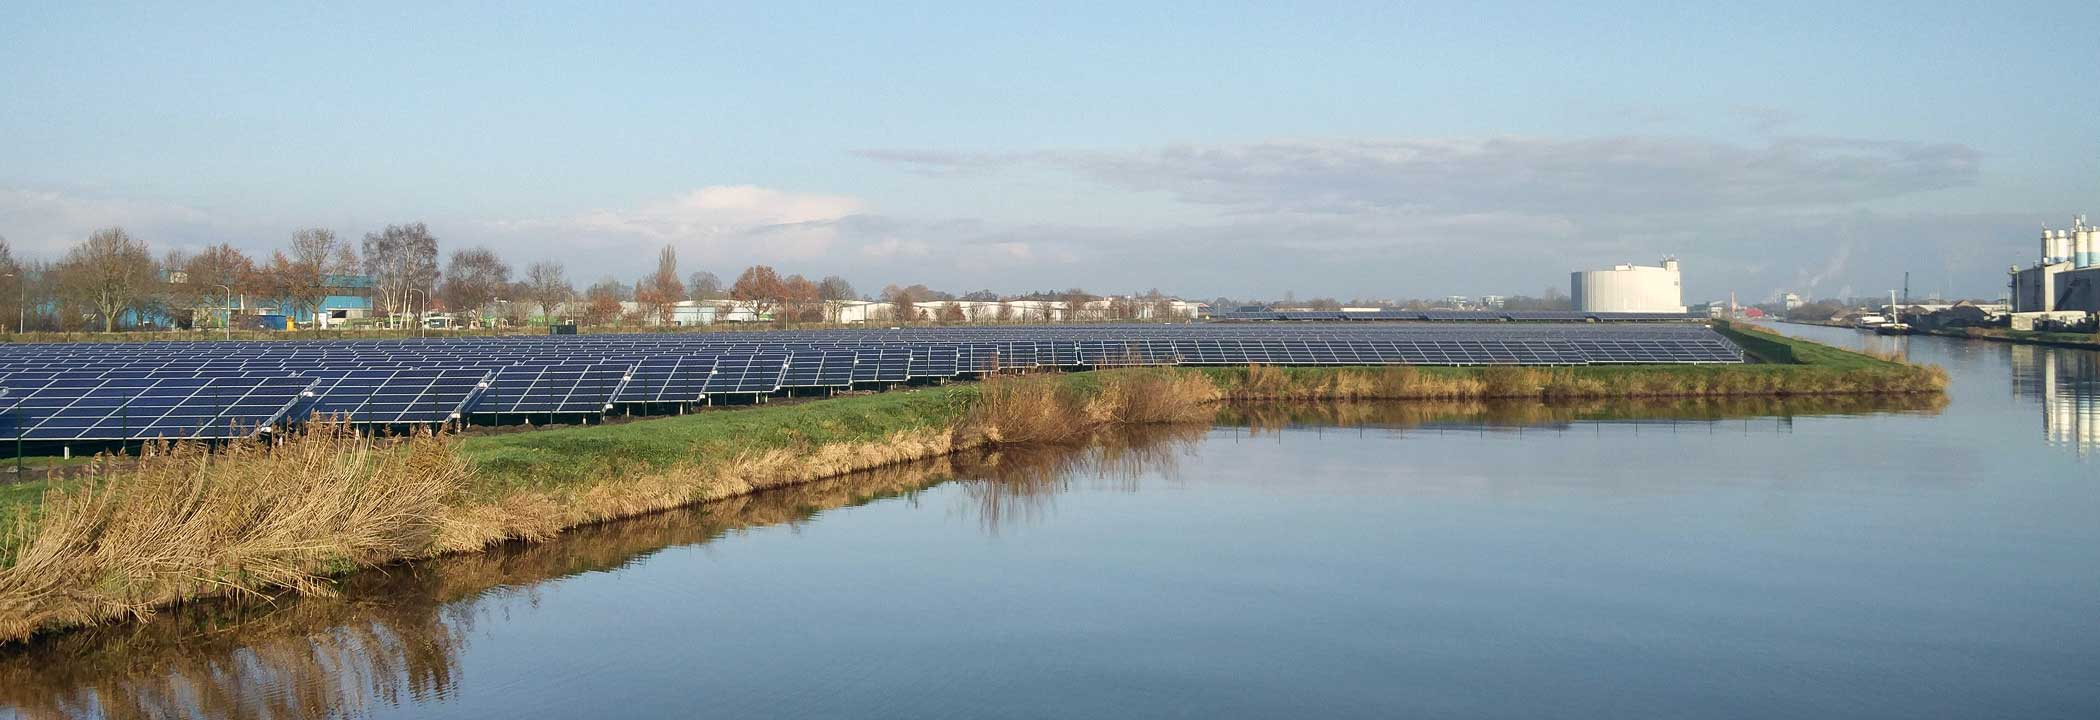 Solarpark von MKG Göbel